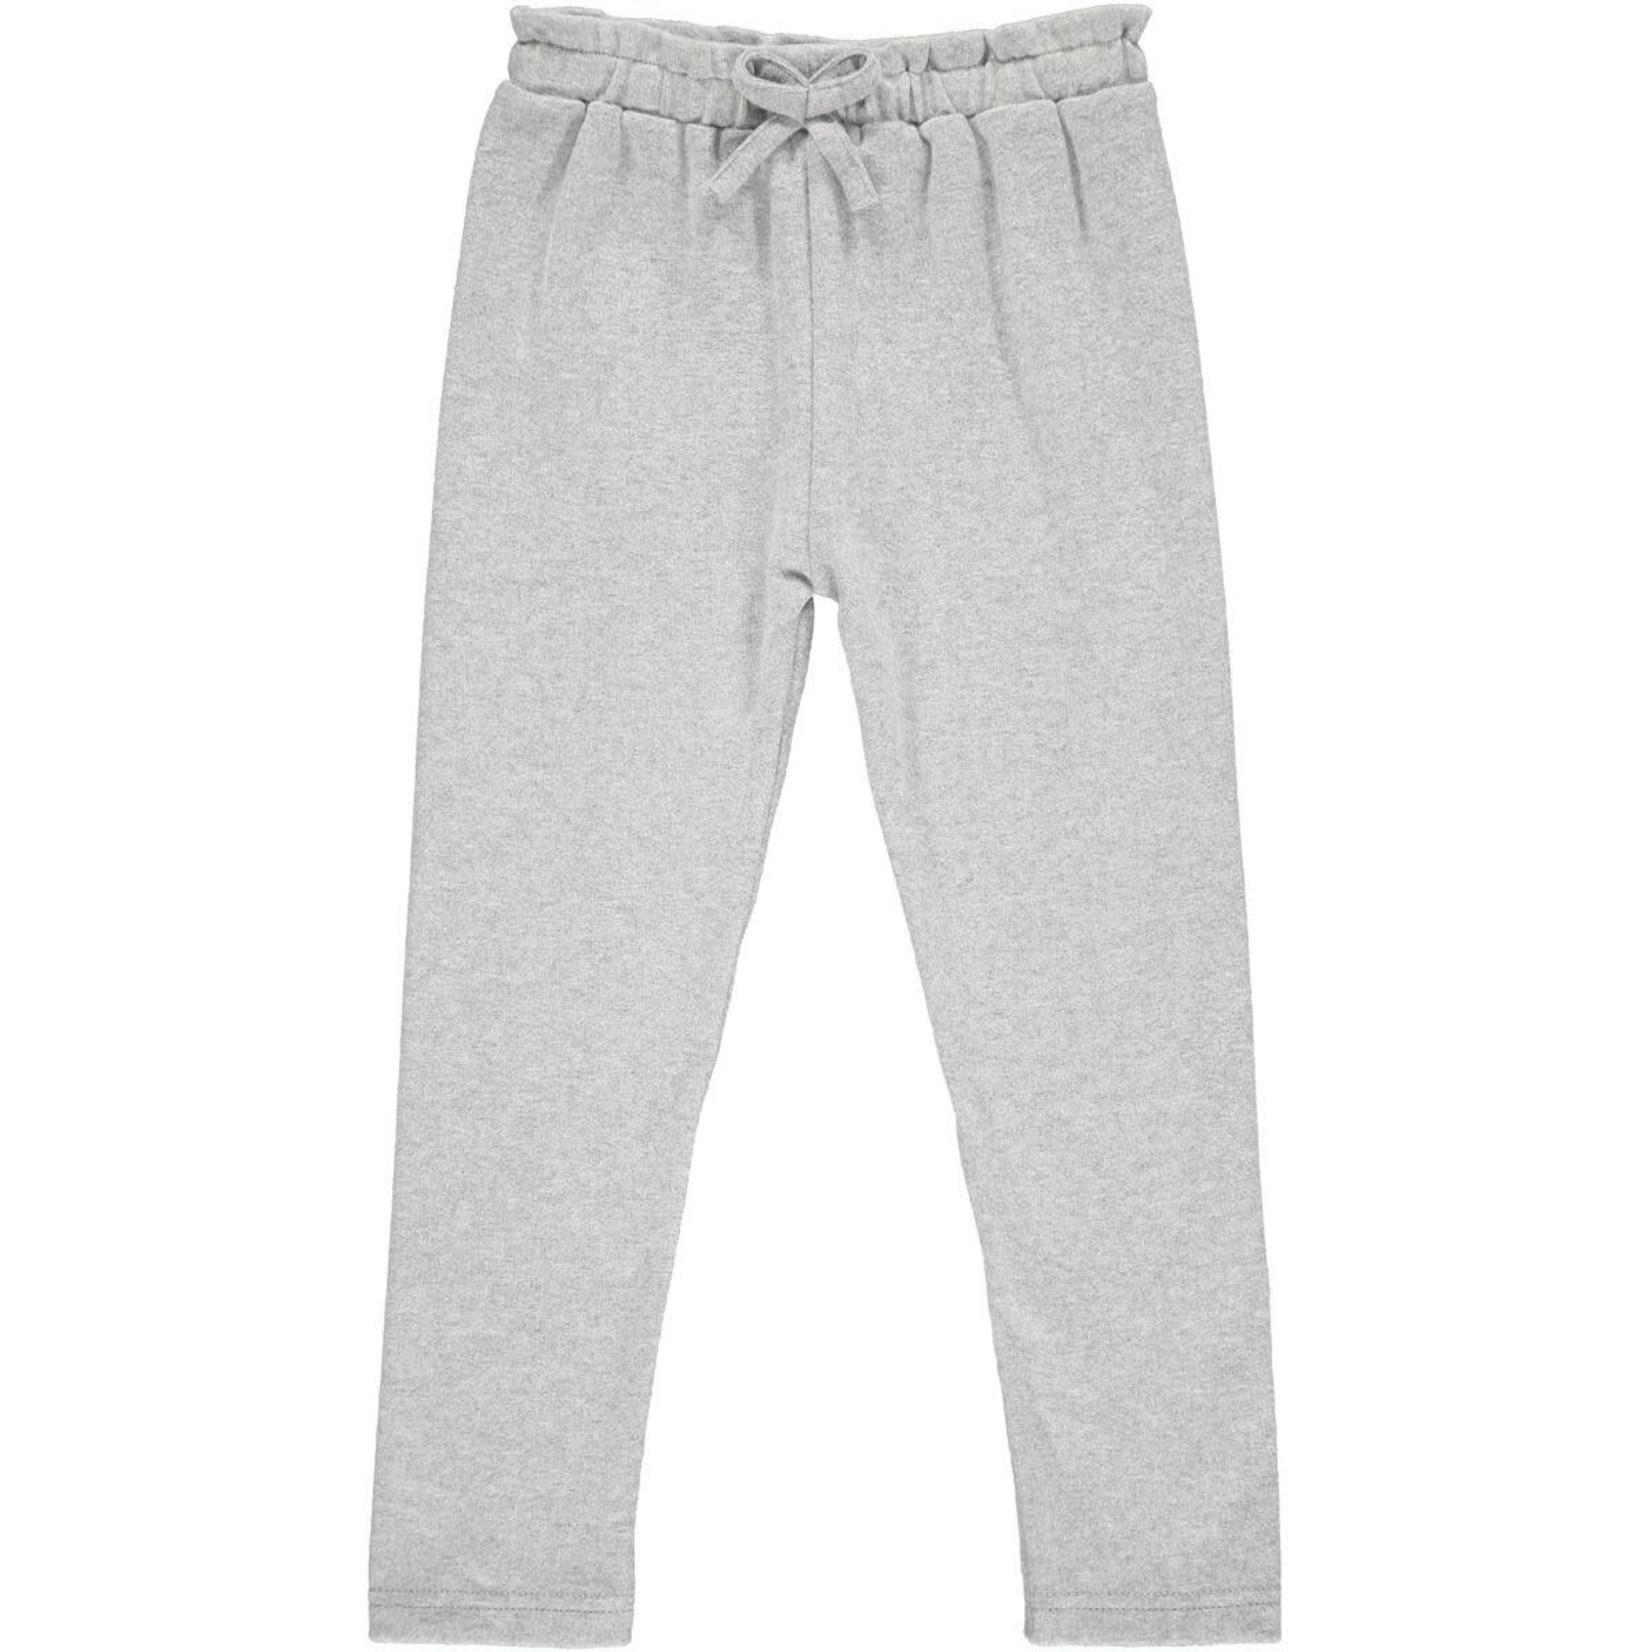 Vignette Fawn Girls Leggings - Grey 3